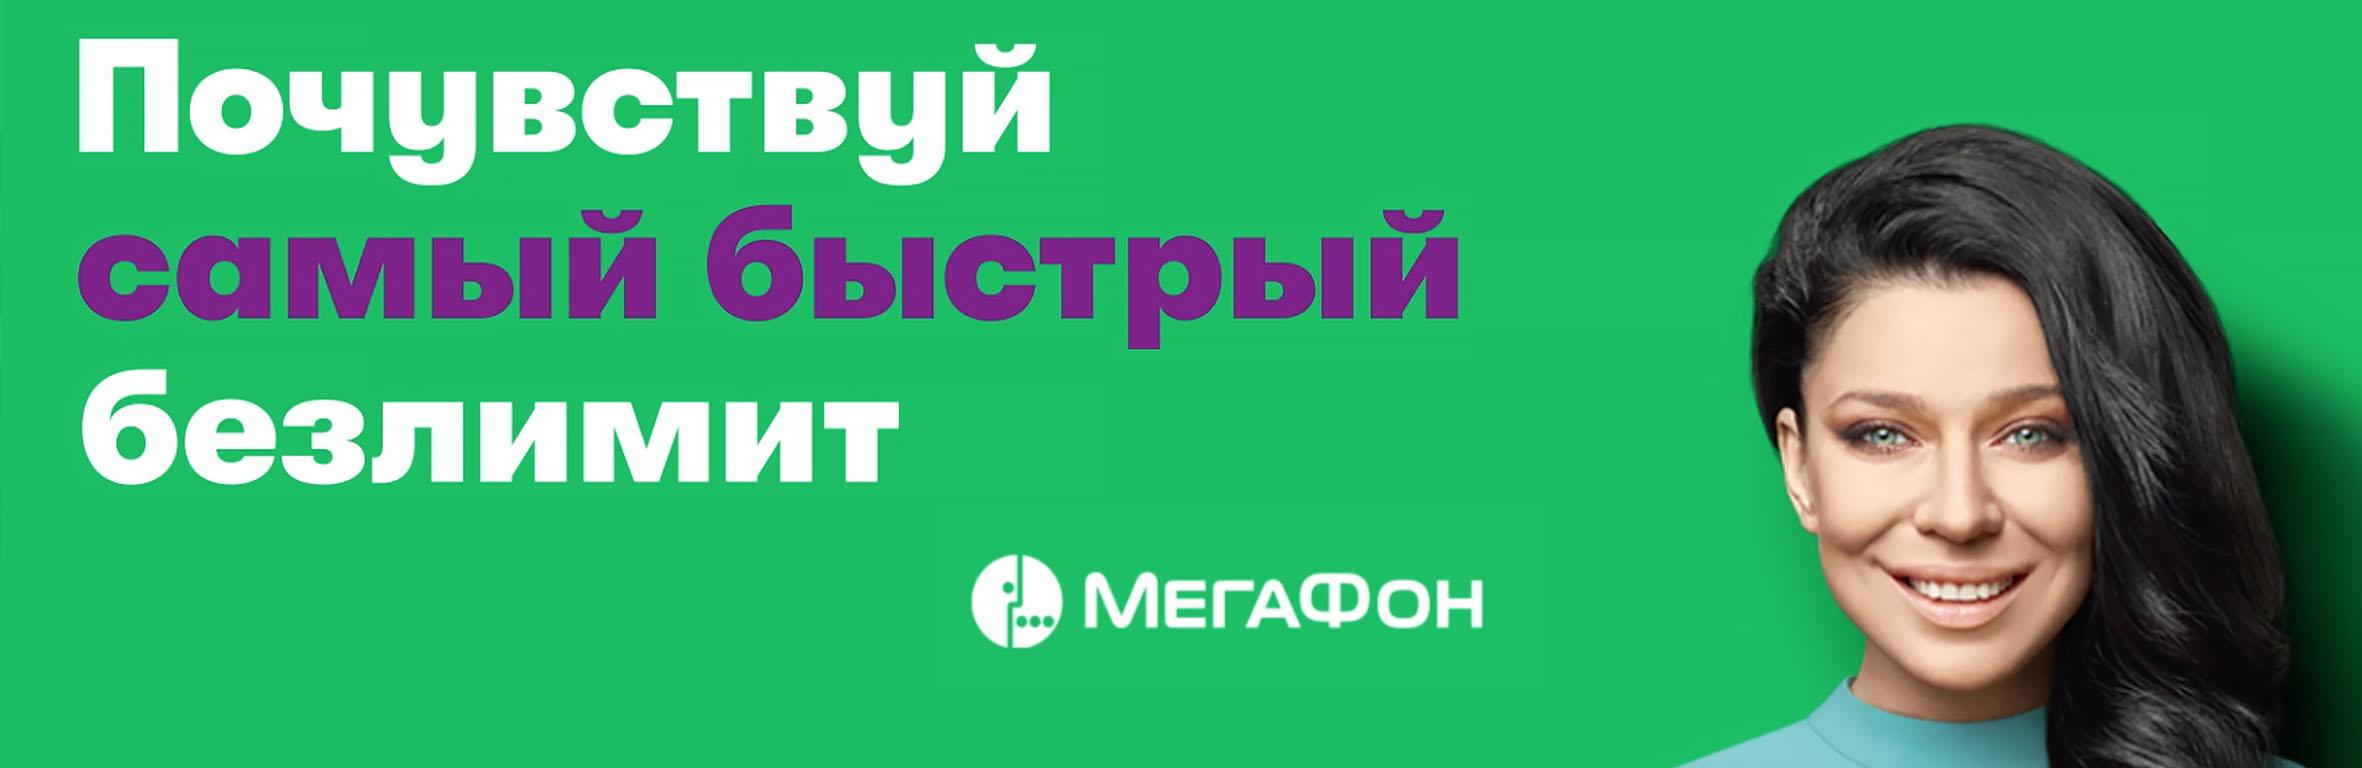 Реклама на Led экране в Хасавюрте МегаФон Размещение